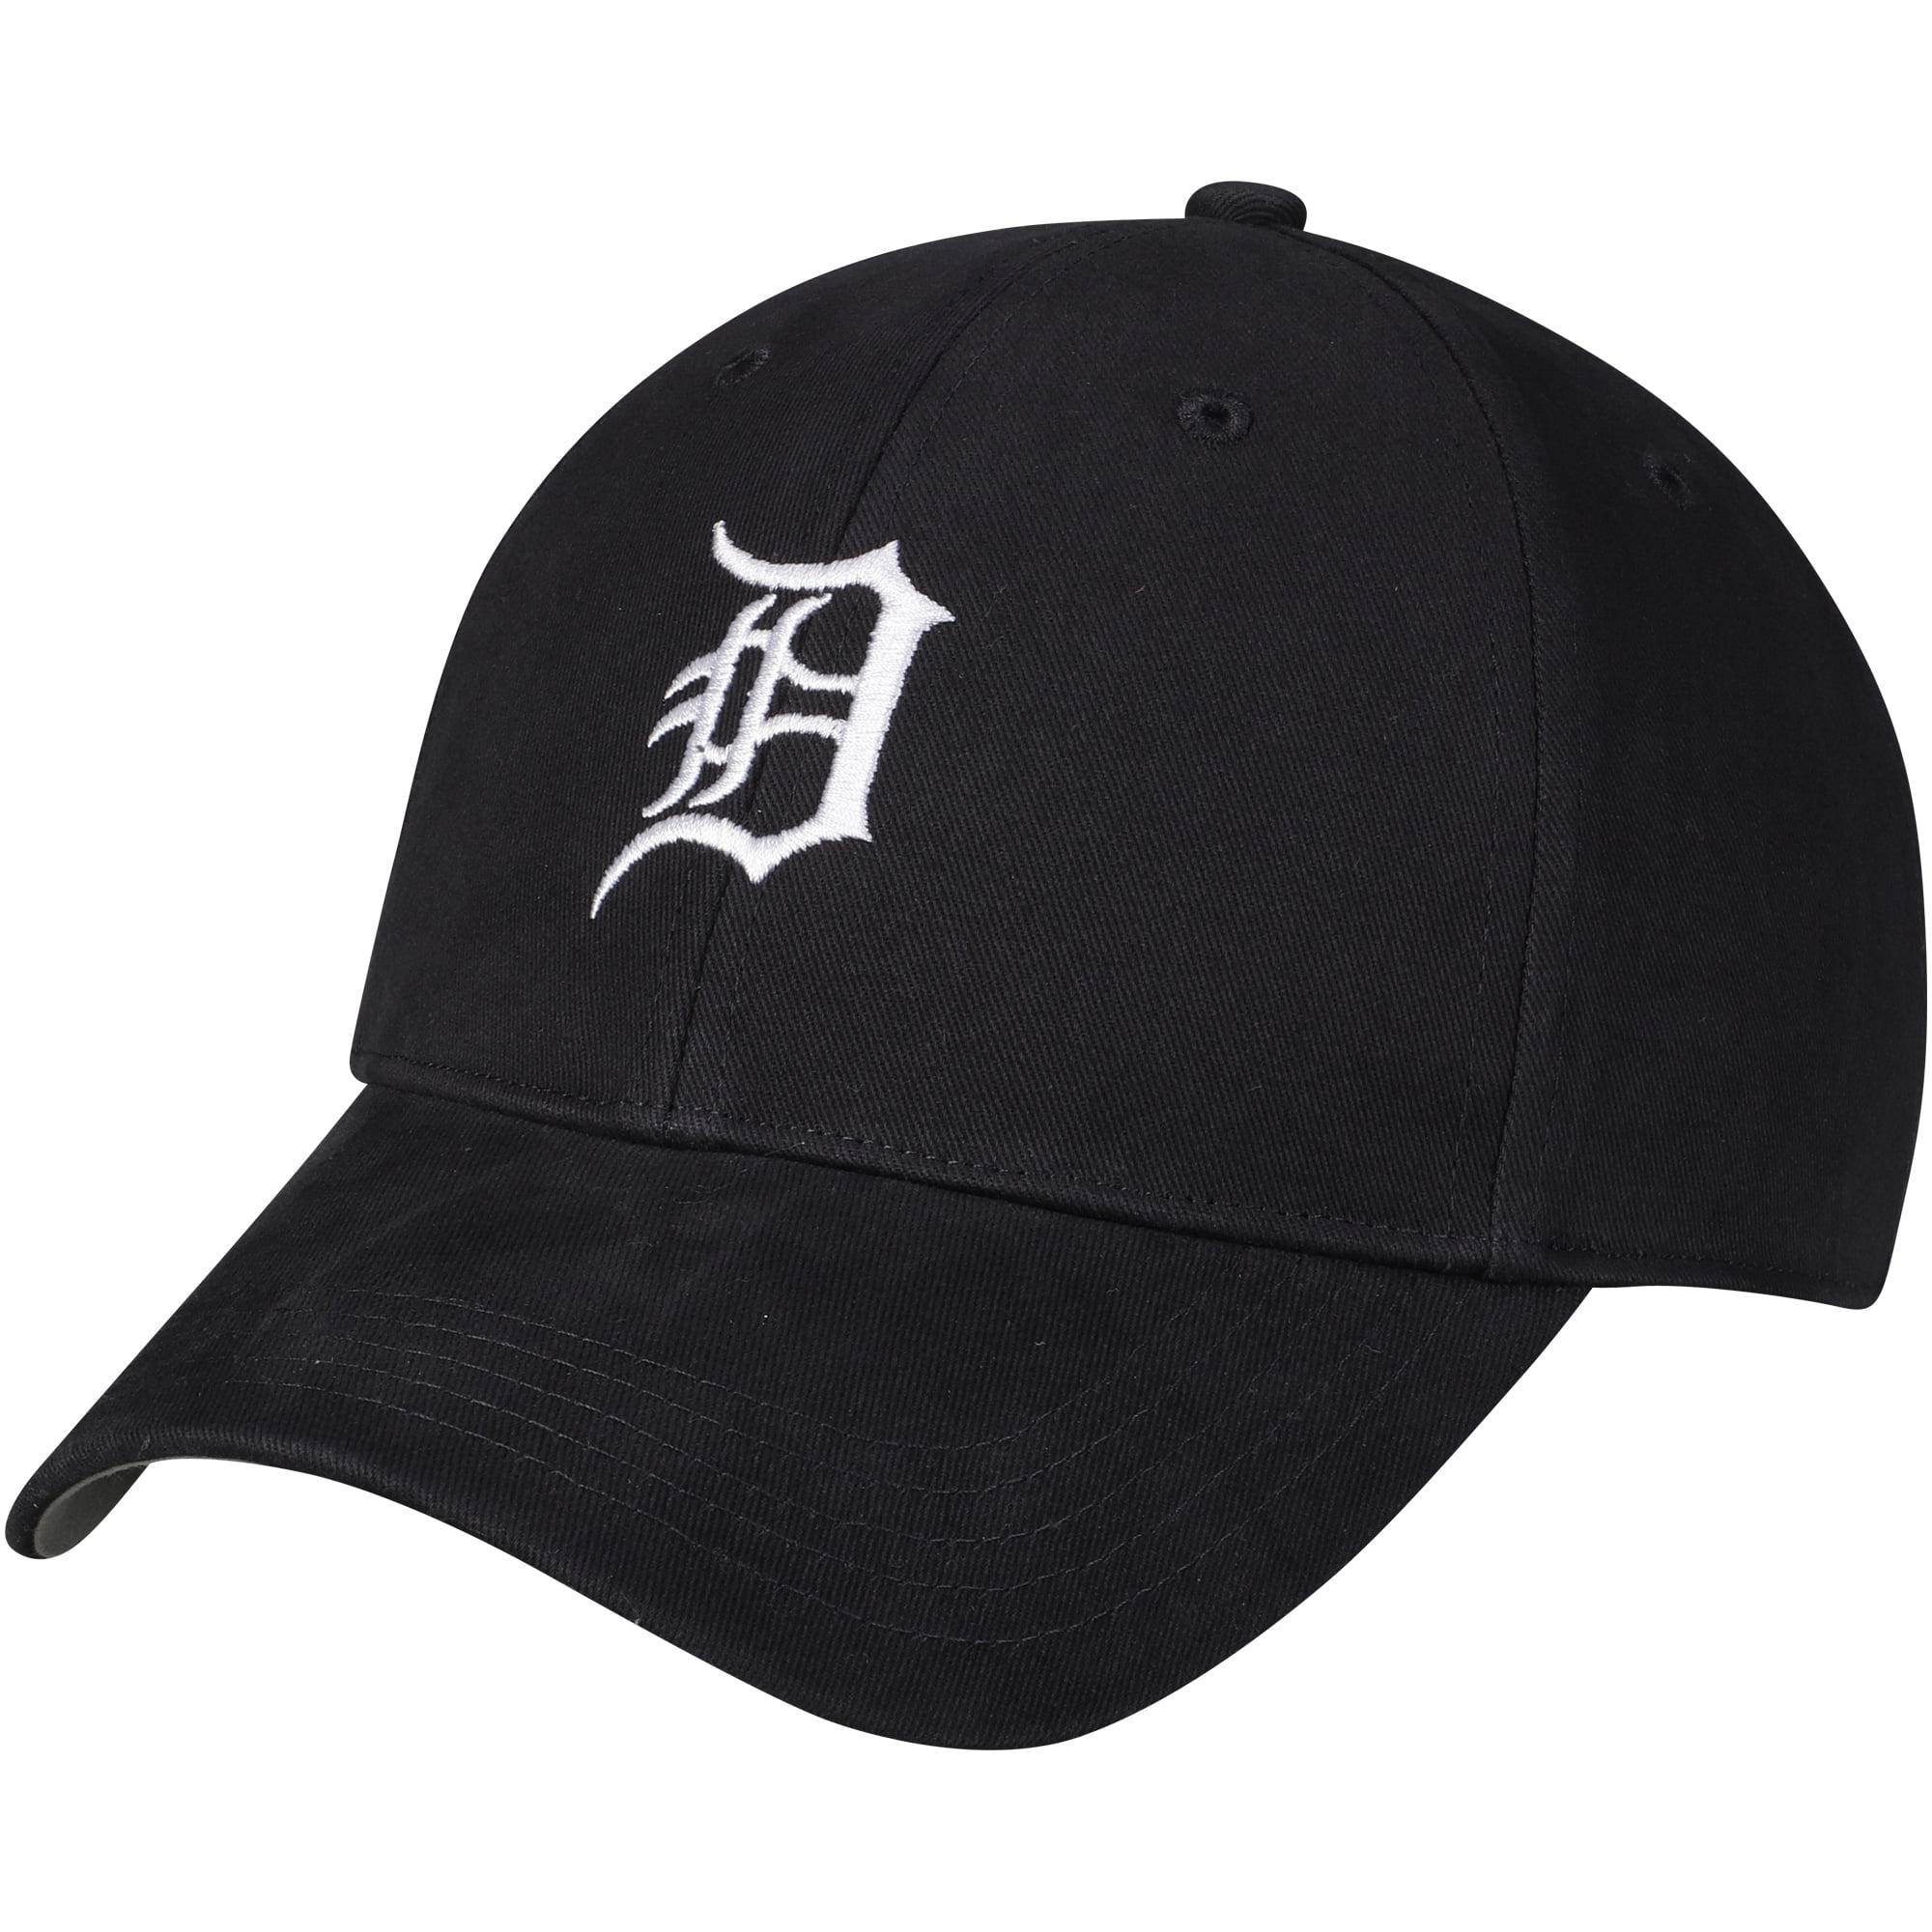 243ee92888cbf Detroit Tigers Team Shop - Walmart.com